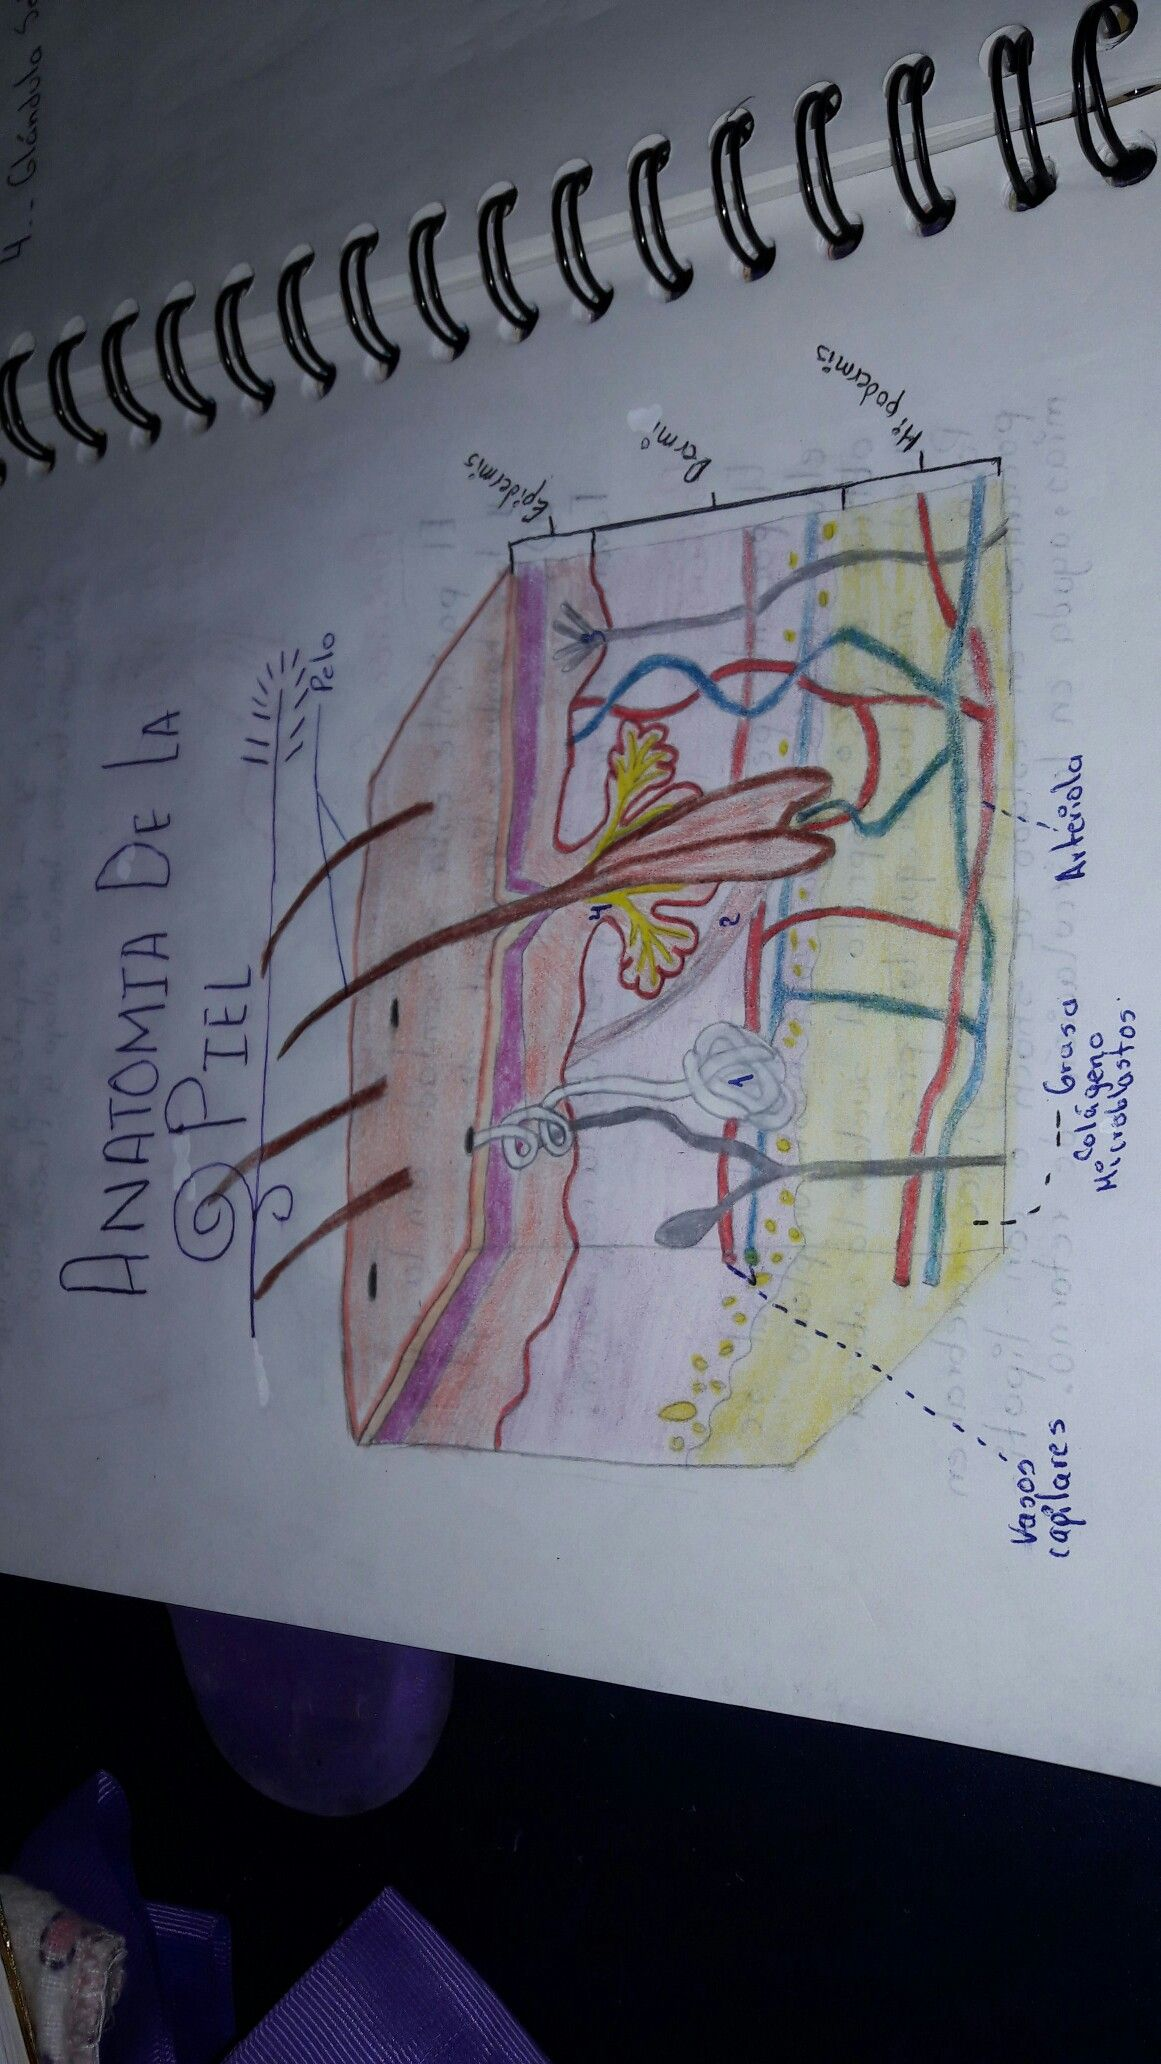 Anatomía de la piel | Anatomía de la piel | Pinterest | Anatomía de ...